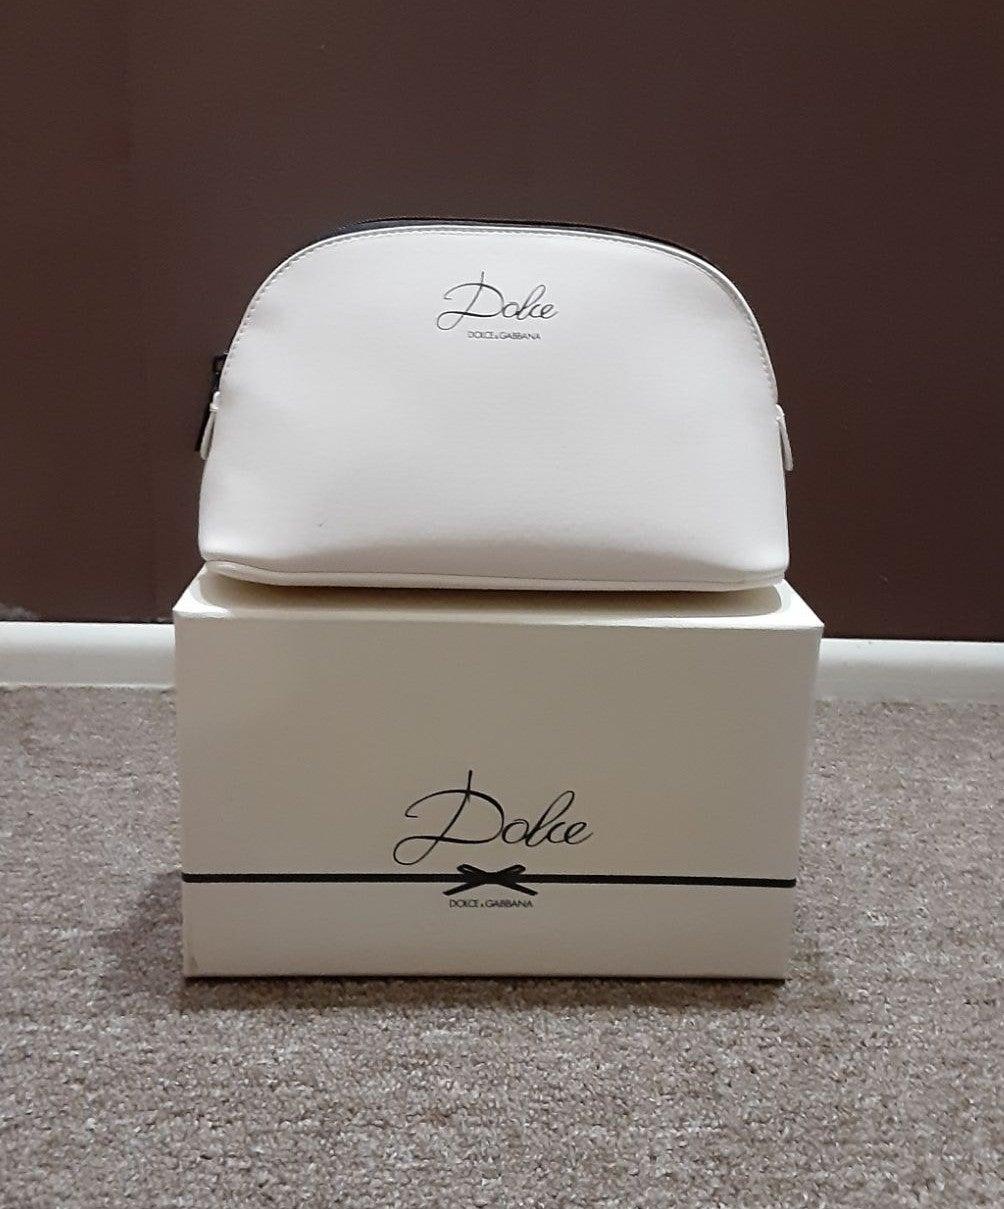 Dolce & Gabbana Makeup Bag